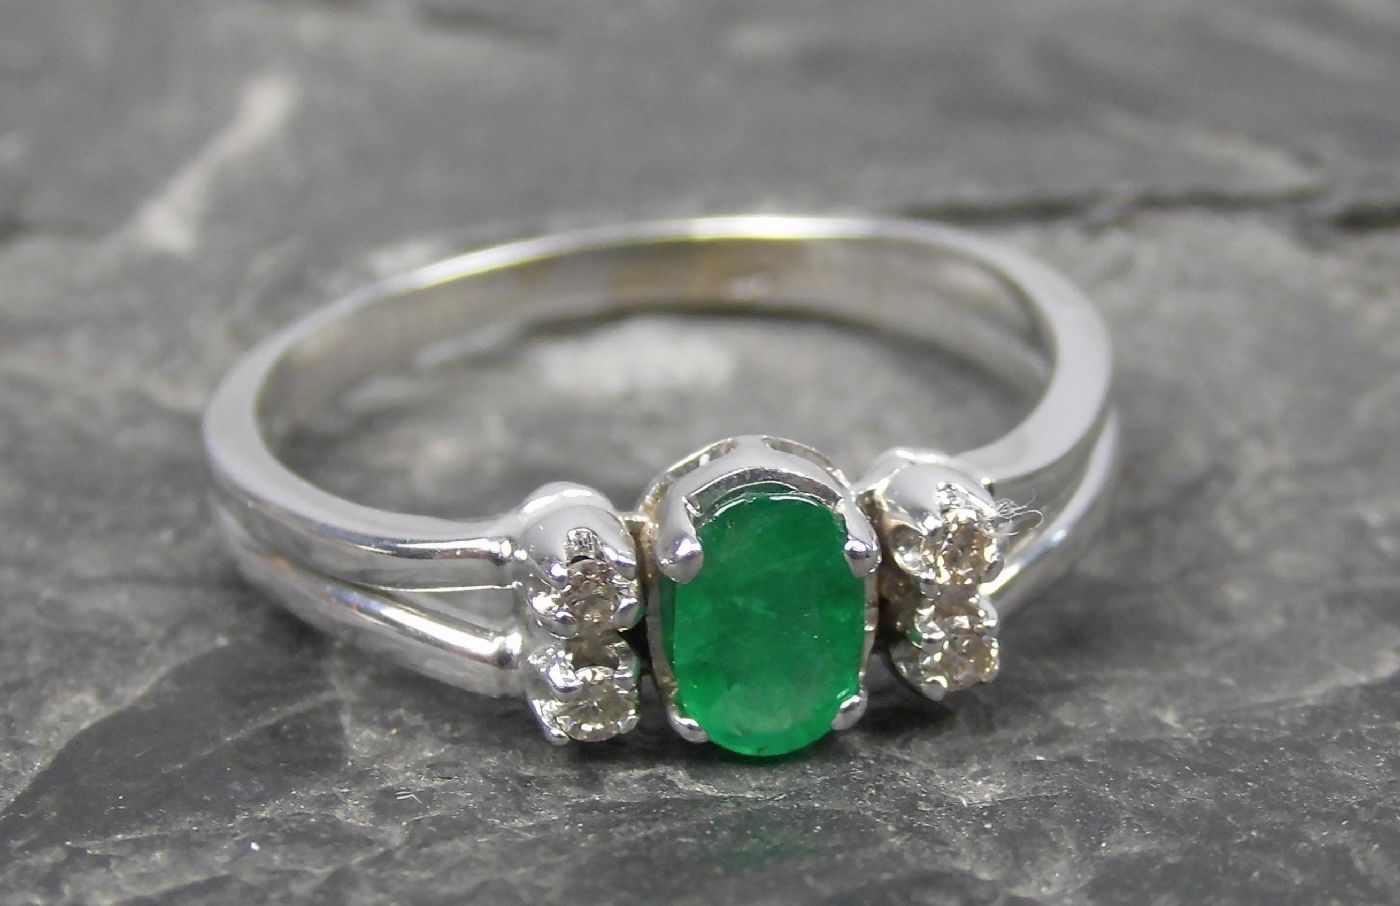 Lot 6 - RING, 585er Weißgold (3,4g), ungetragen, besetzt mit einem Smaragd und 4 Diamanten, Ringgröße 58/